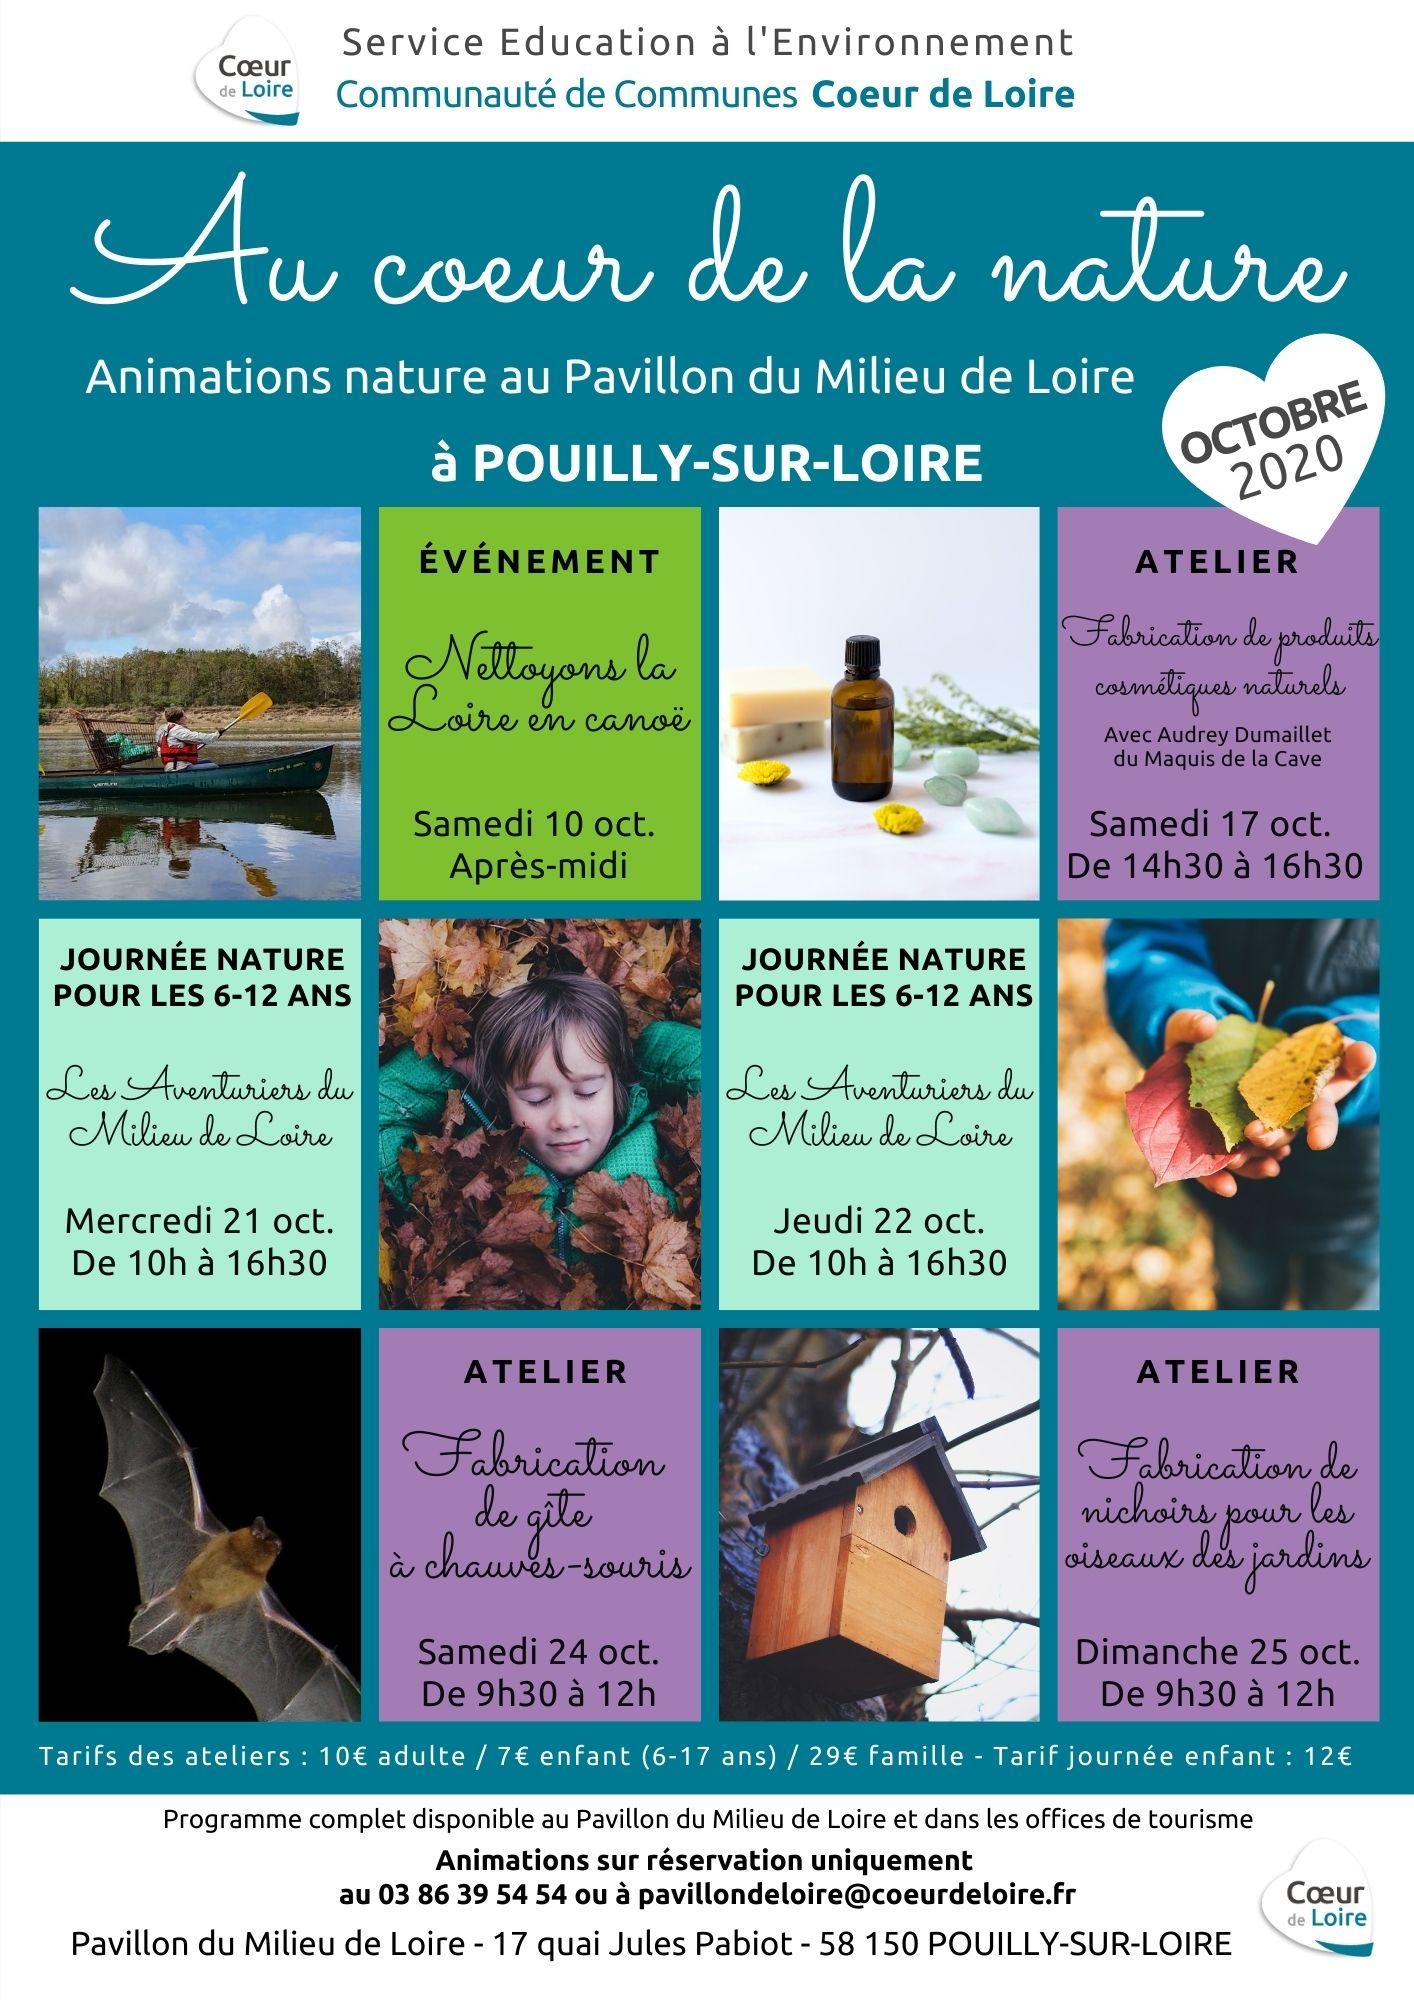 Animations du Pavillon du Milieu de Loire